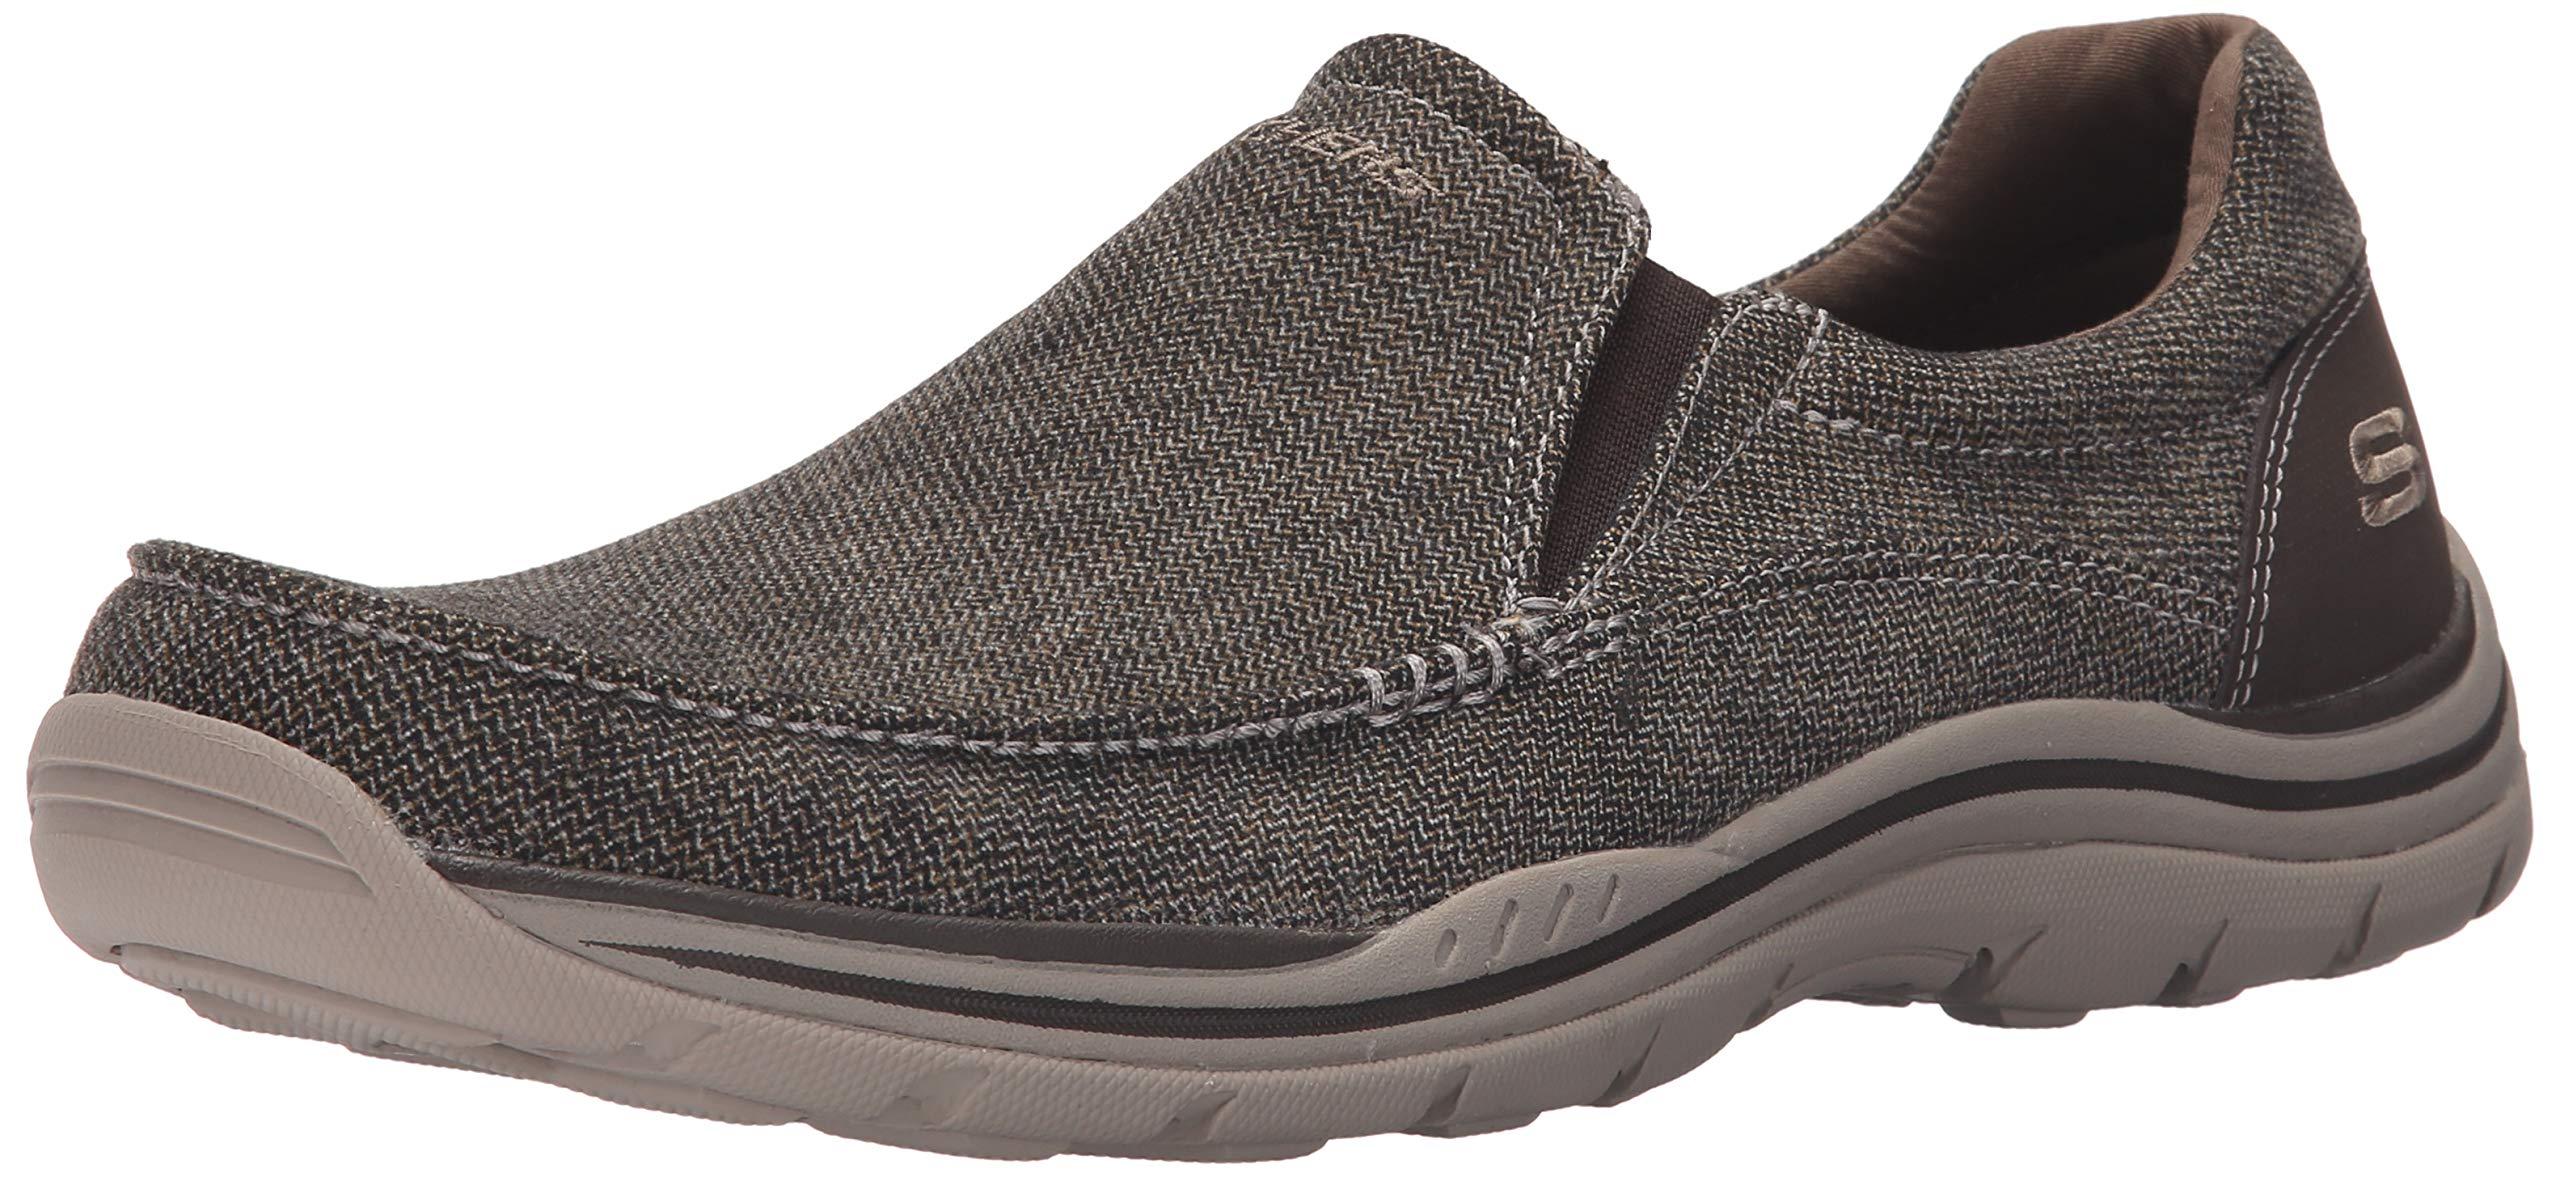 Skechers USA Men's Expected Avillo Relaxed-Fit Slip-On Loafer,Dark Brown,11.5 M US